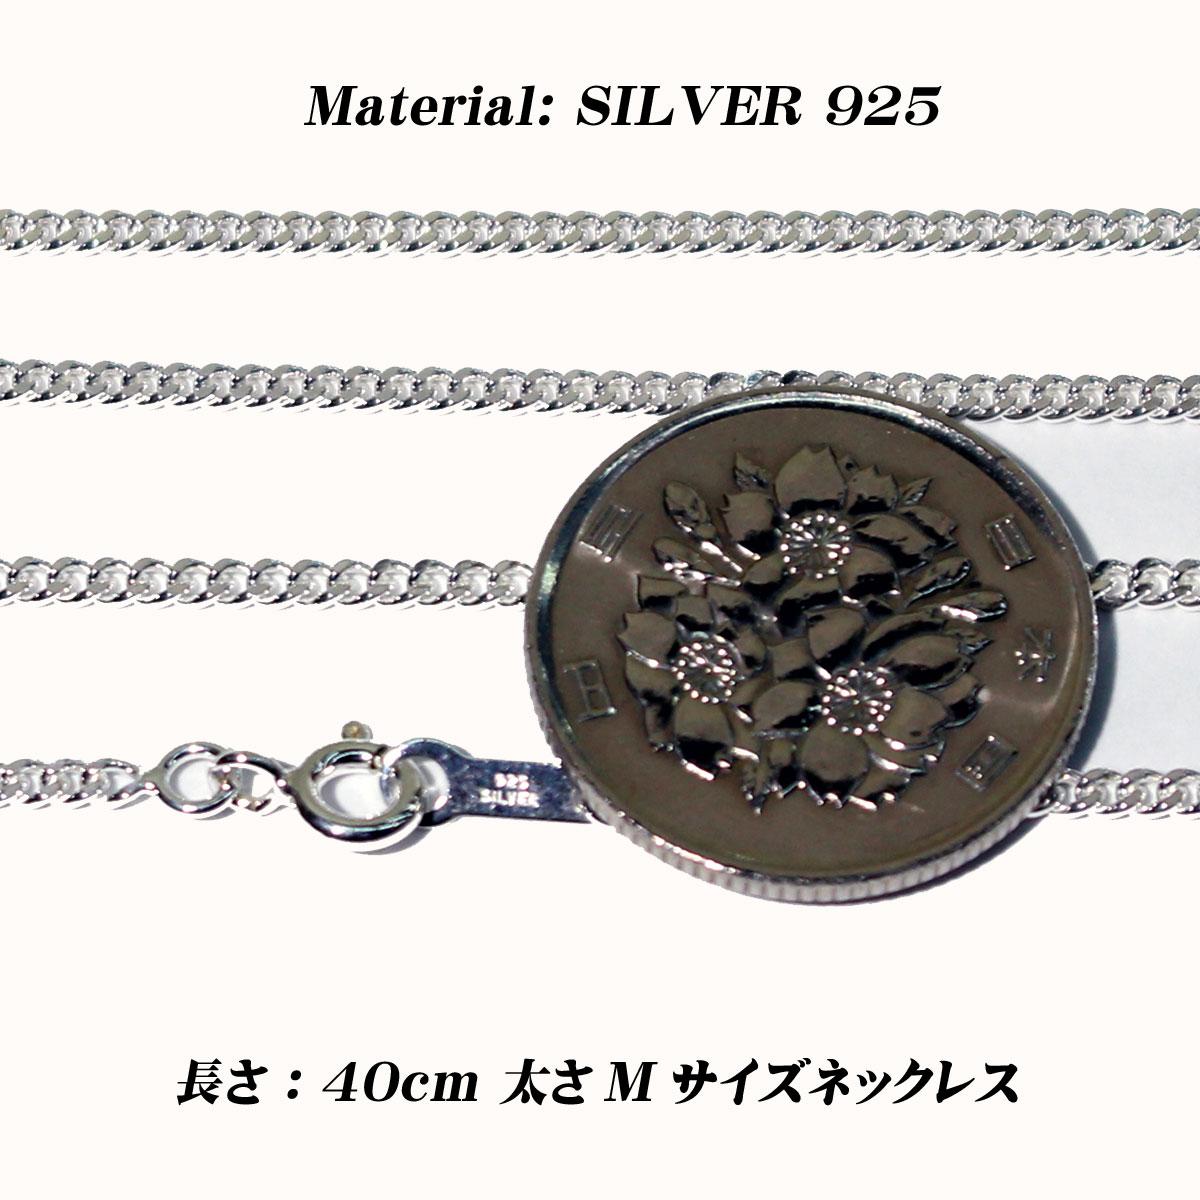 シルバー925使用 キヘイチェーン バディ シルバーアクセサリー シルバー925 実物 ネックレス 上等 シルバーショップバディ 長さ40cm 約2mm幅